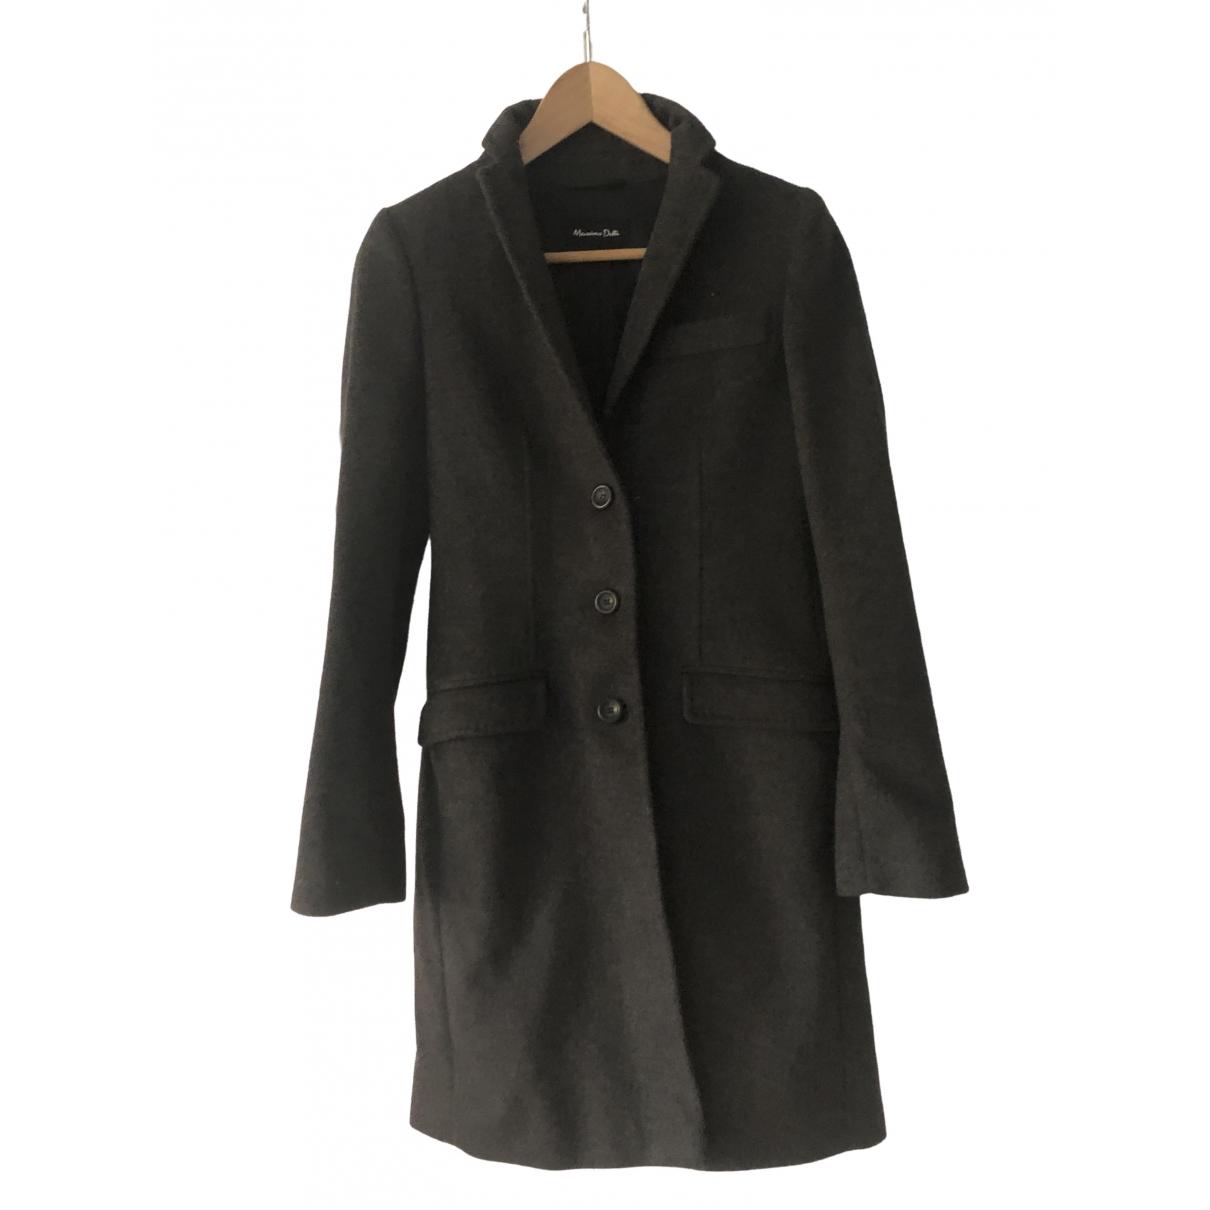 Massimo Dutti - Manteau   pour femme en laine - gris